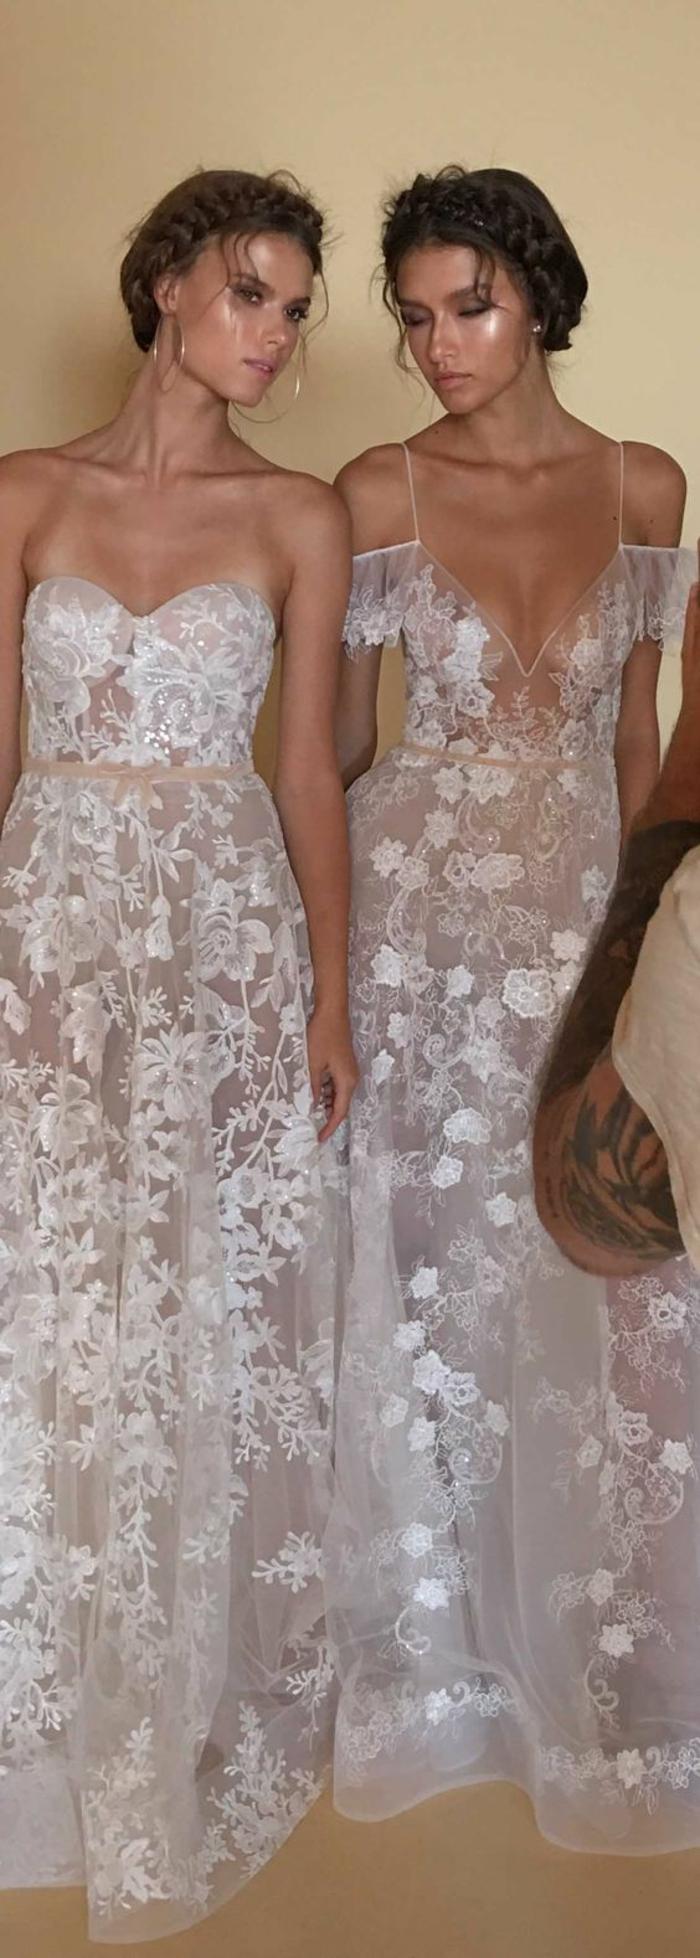 robe longue boheme chic, robe transparente en organza blanche, deux modèles de Berta, corsage et bustier, vetement boheme romantique